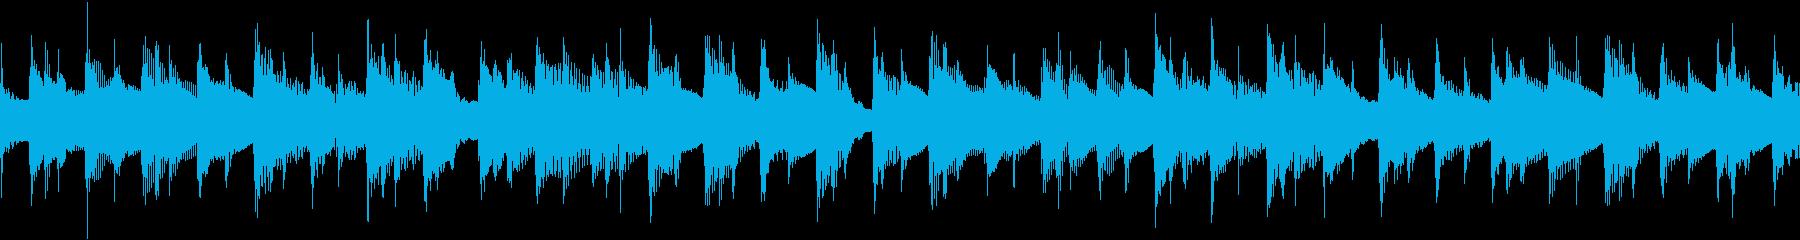 ナイロンアコギのみの陽気な伴奏のループ曲の再生済みの波形